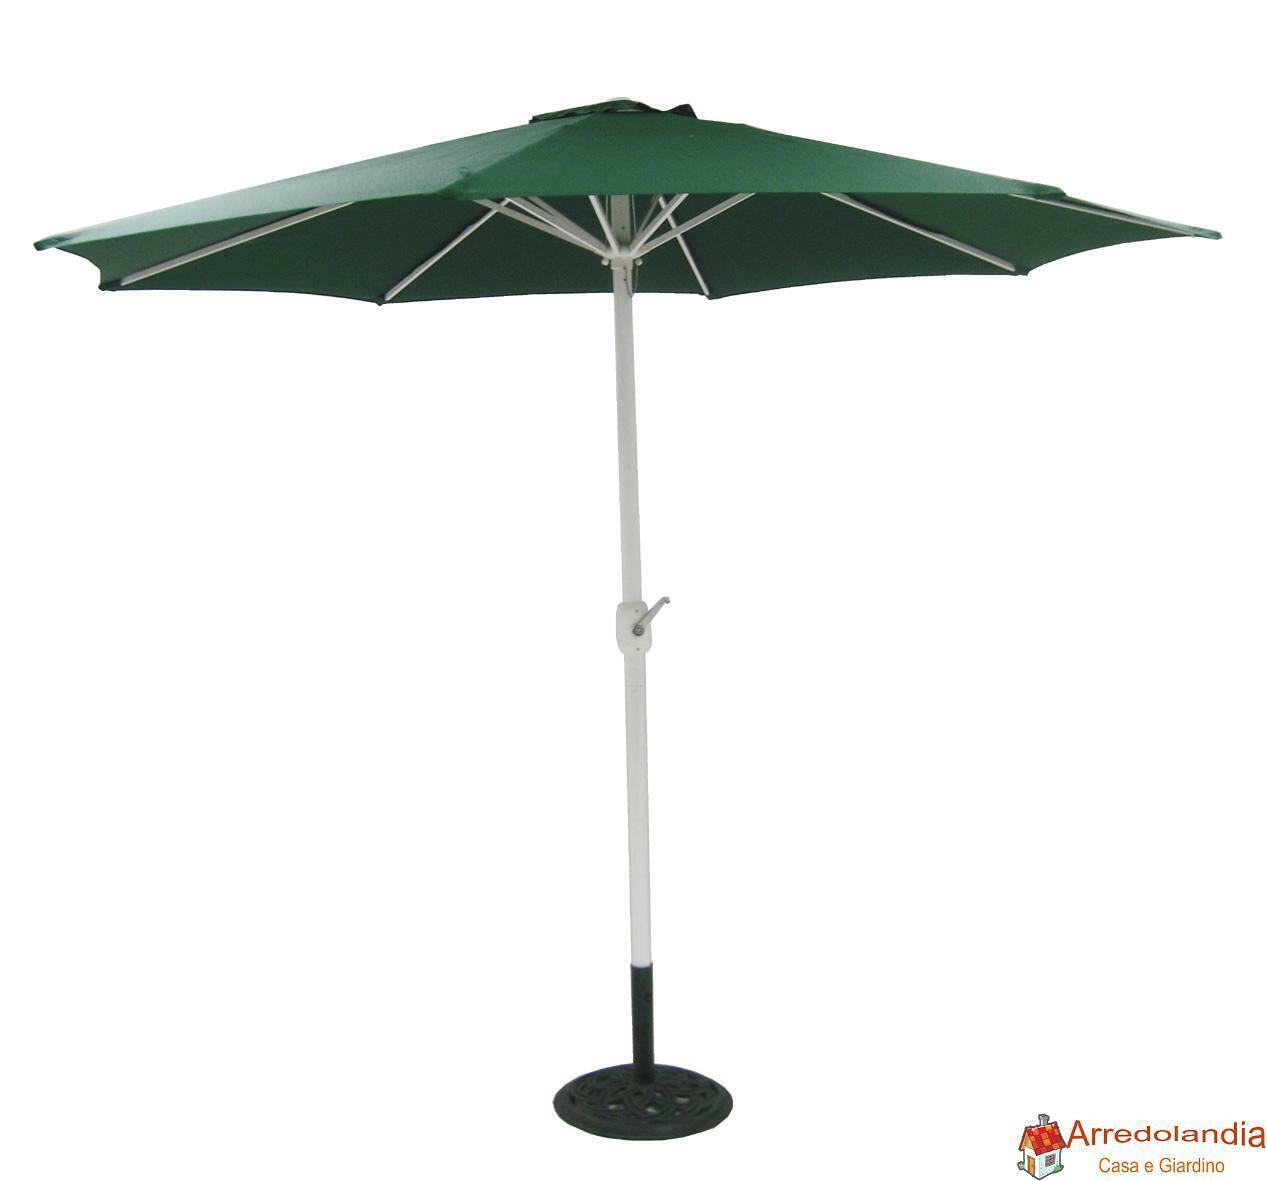 acquisti online Ombrellone telo verde verde verde tondo diametro 3 metri palo centrale in alluminio nero da  prezzi all'ingrosso